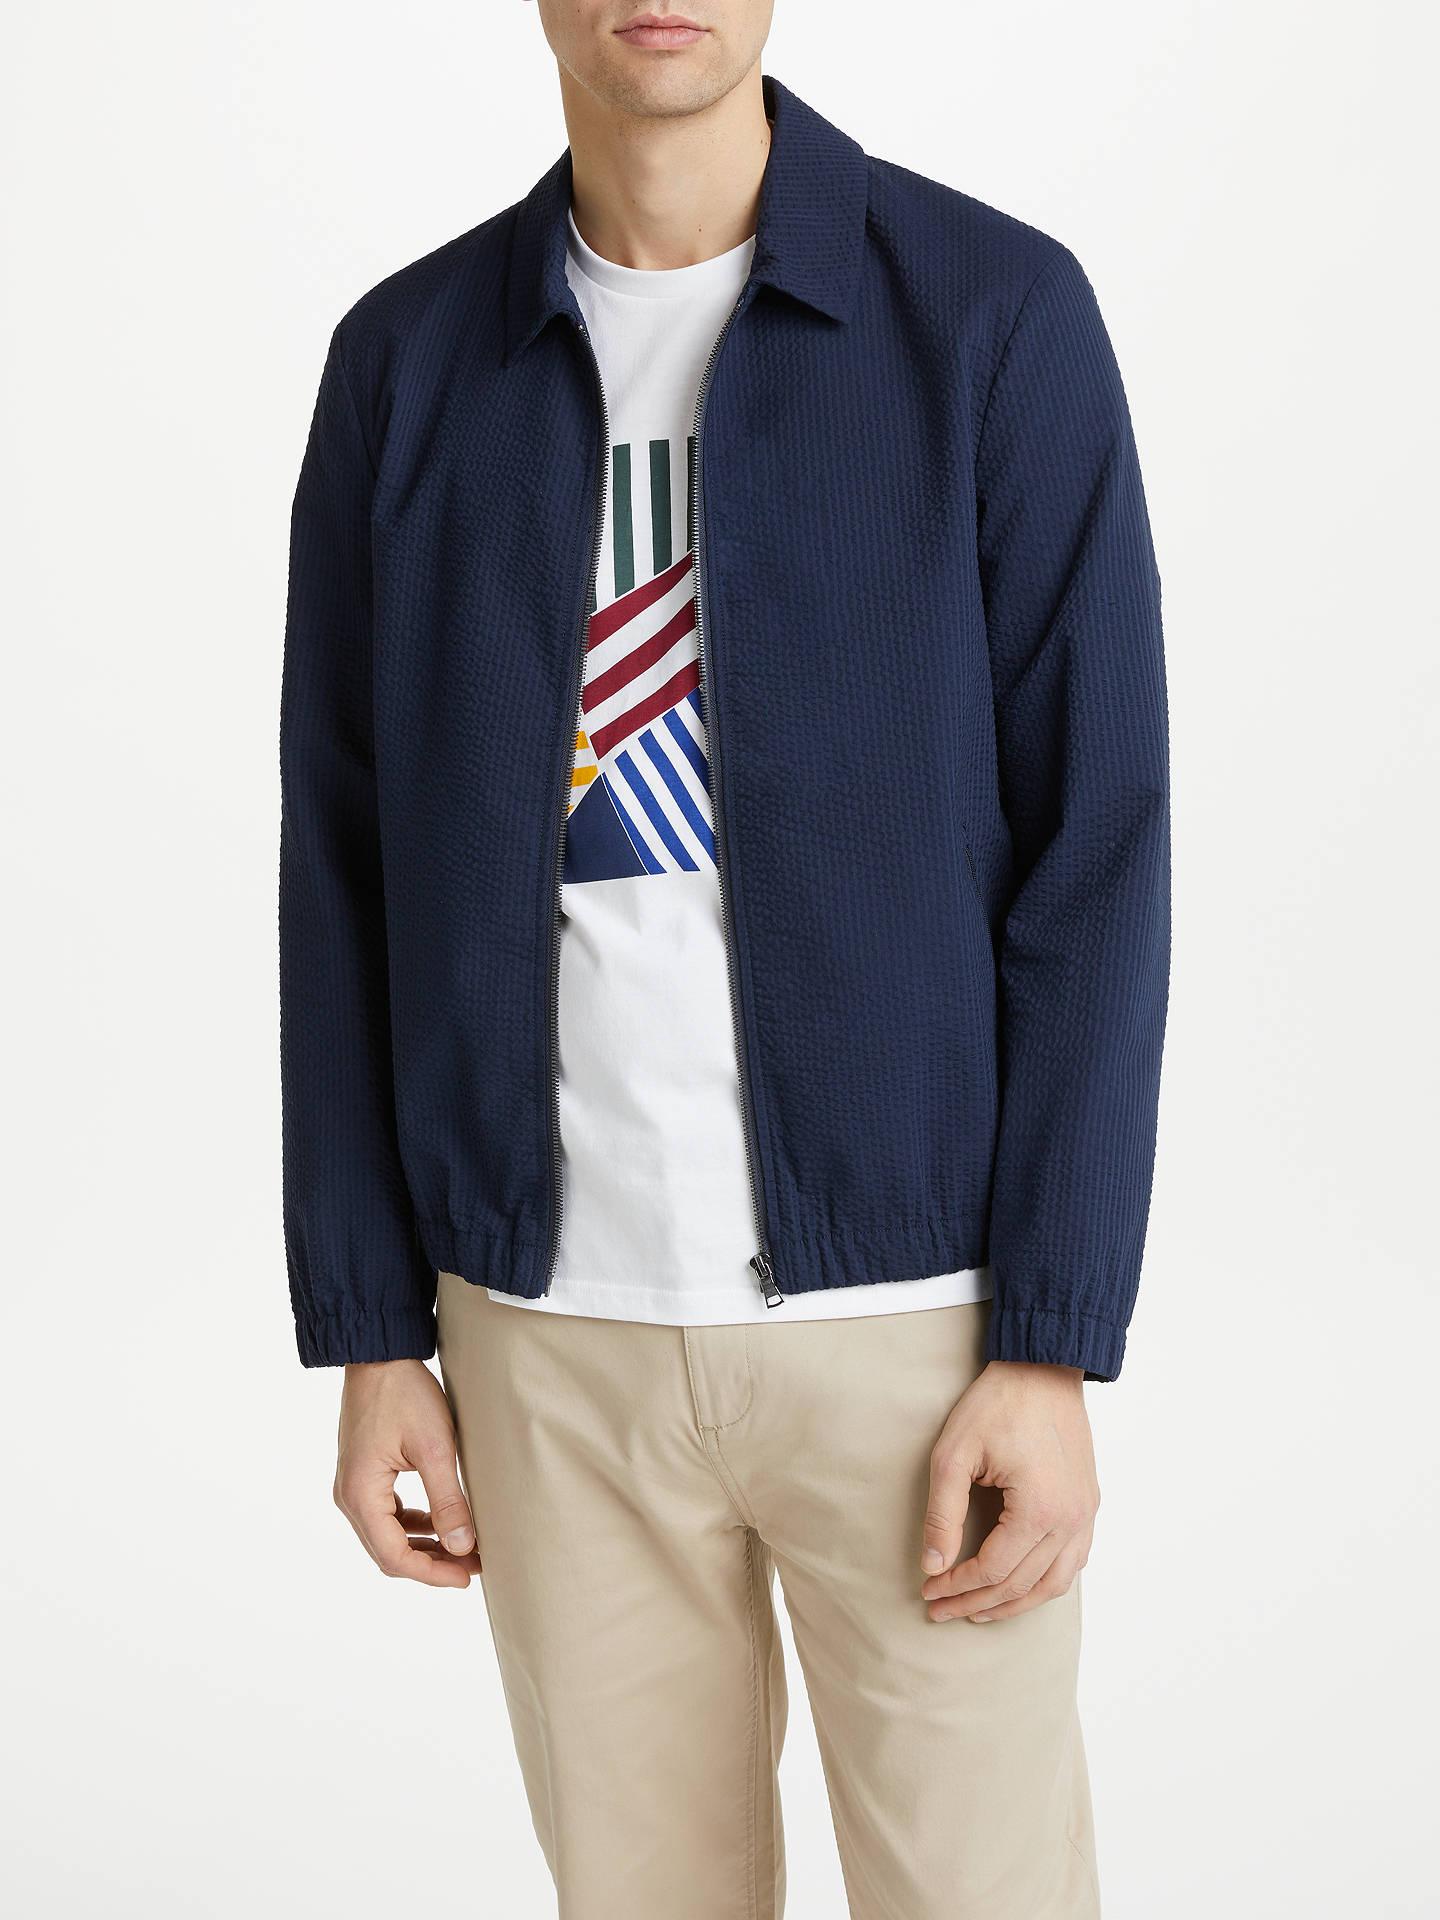 a2251a2f4256 Kin Seersucker Jacket